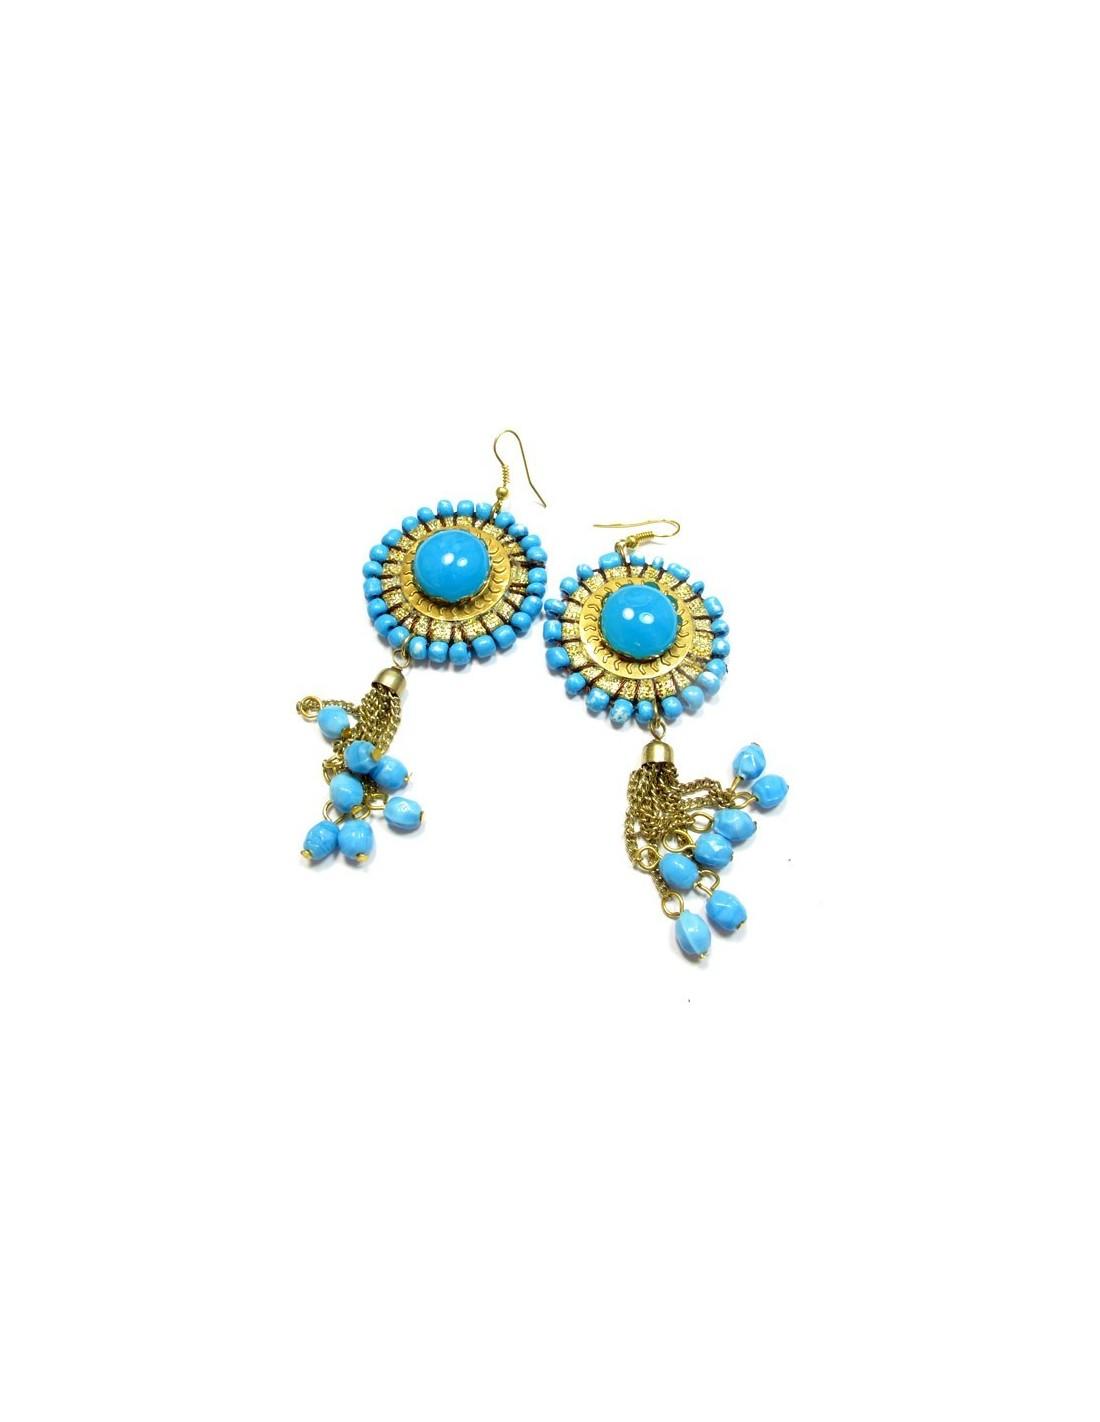 Pendantes bleues grosses boucles d 39 oreilles bo74 - Grosses boucles d oreilles pendantes ...